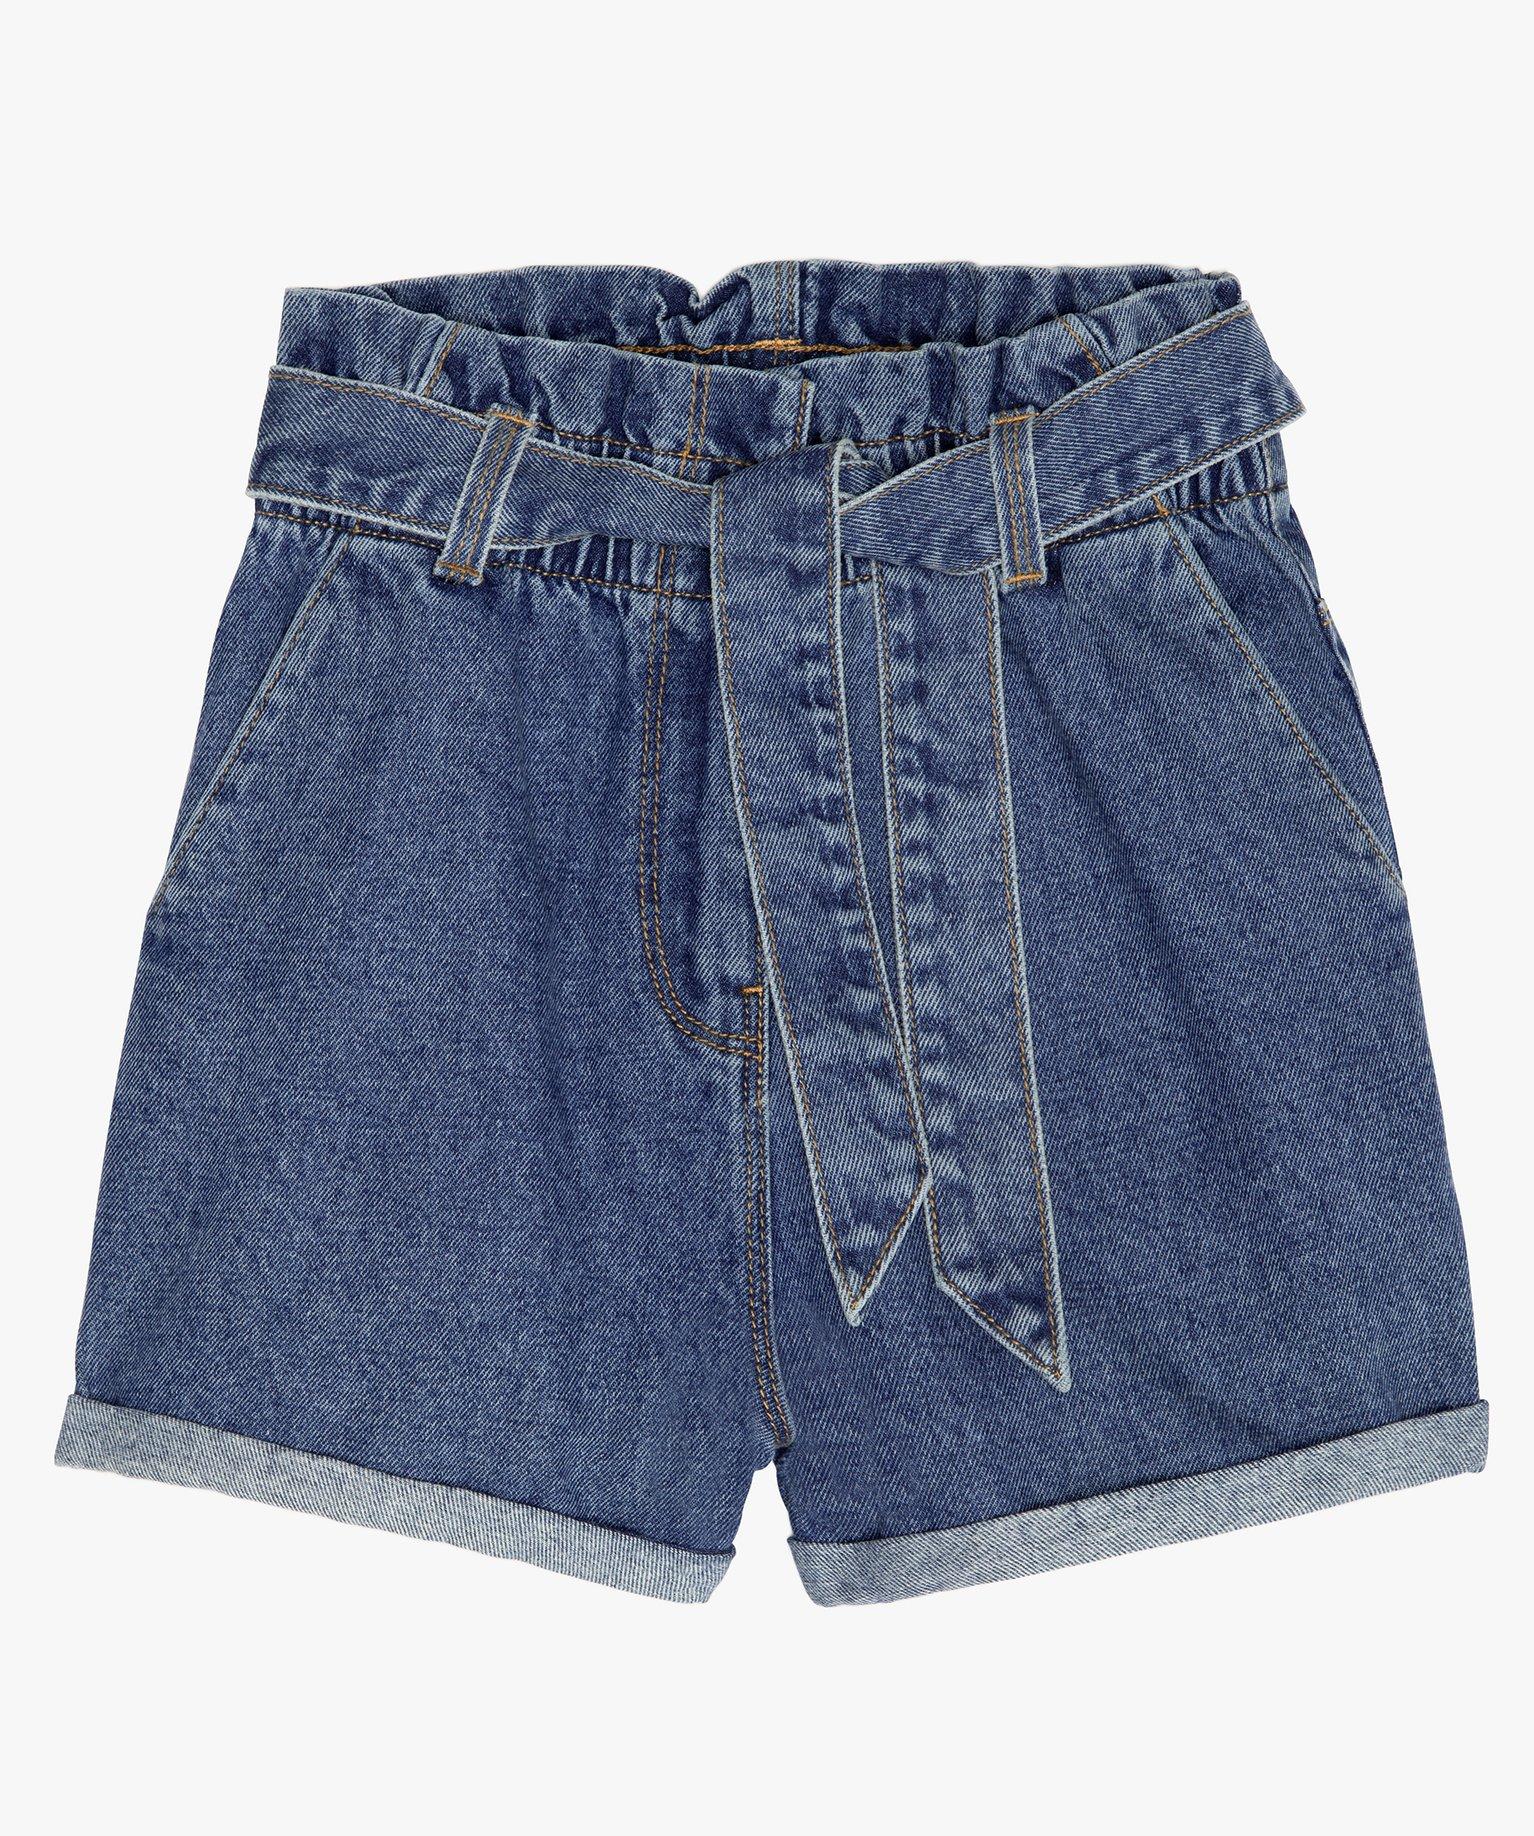 Short fille en jean taille haute avec ceinture à nouer